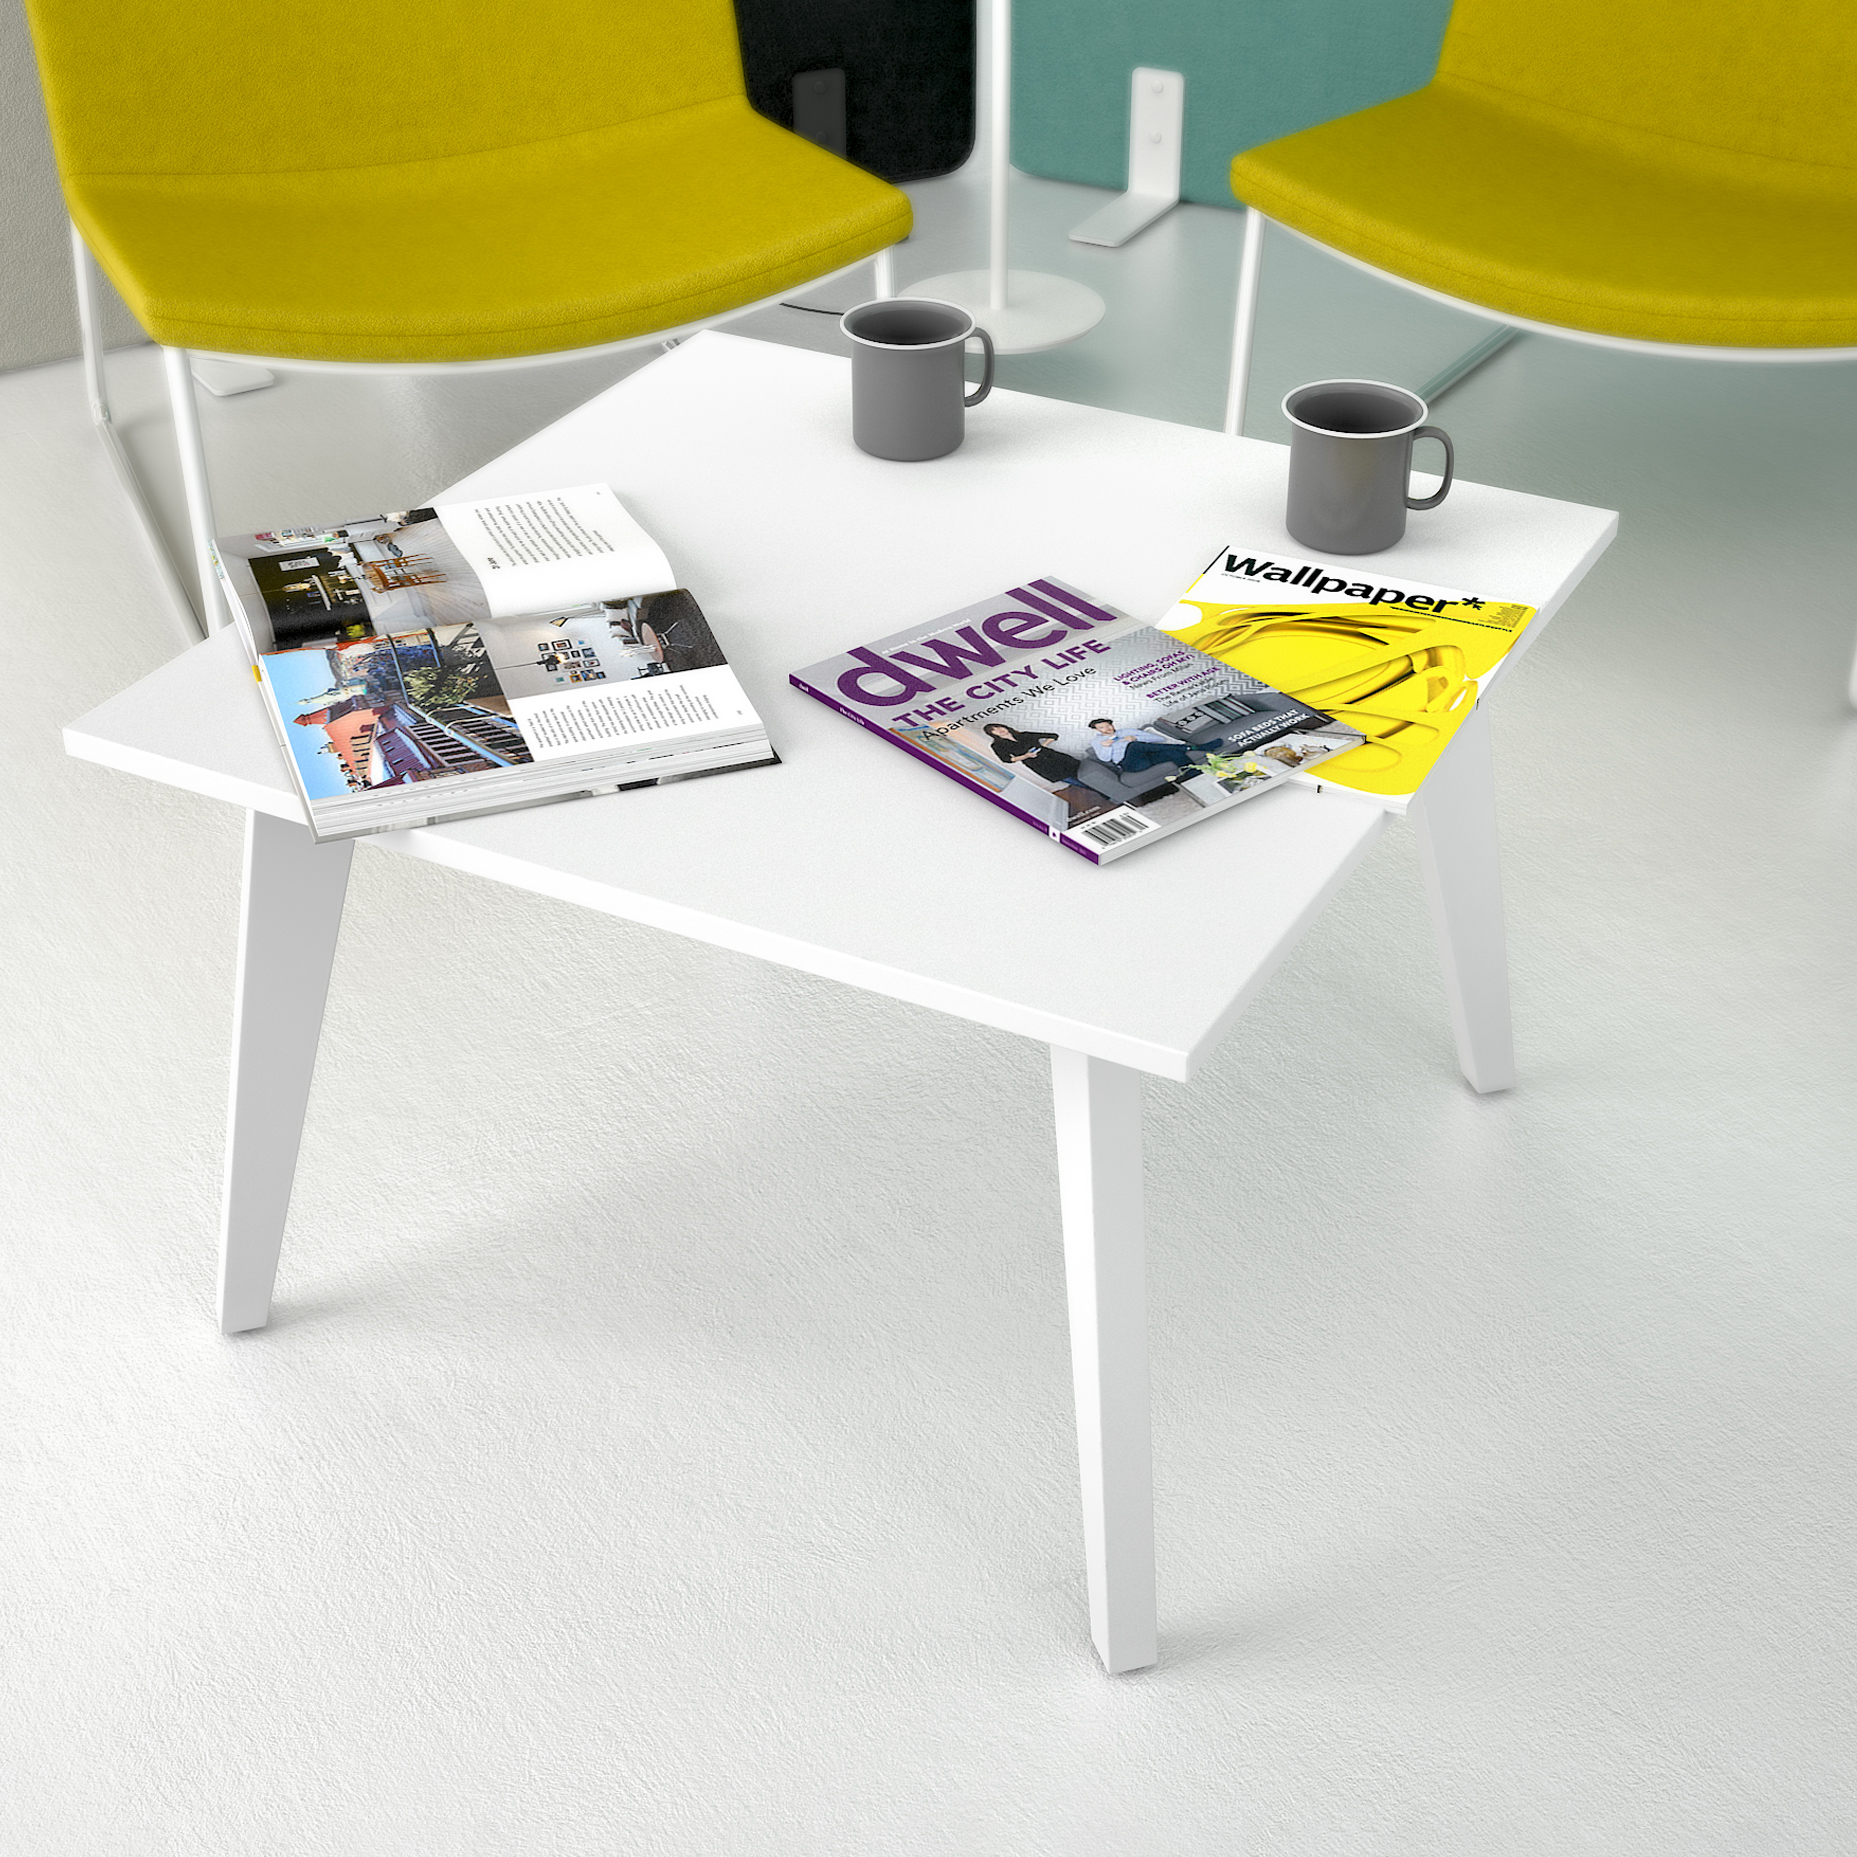 Beistelltisch AMBER quadratisch 700 x 700 mm Couchtisch Kaffeetisch Loungetable Loungetisch Ablagetisch